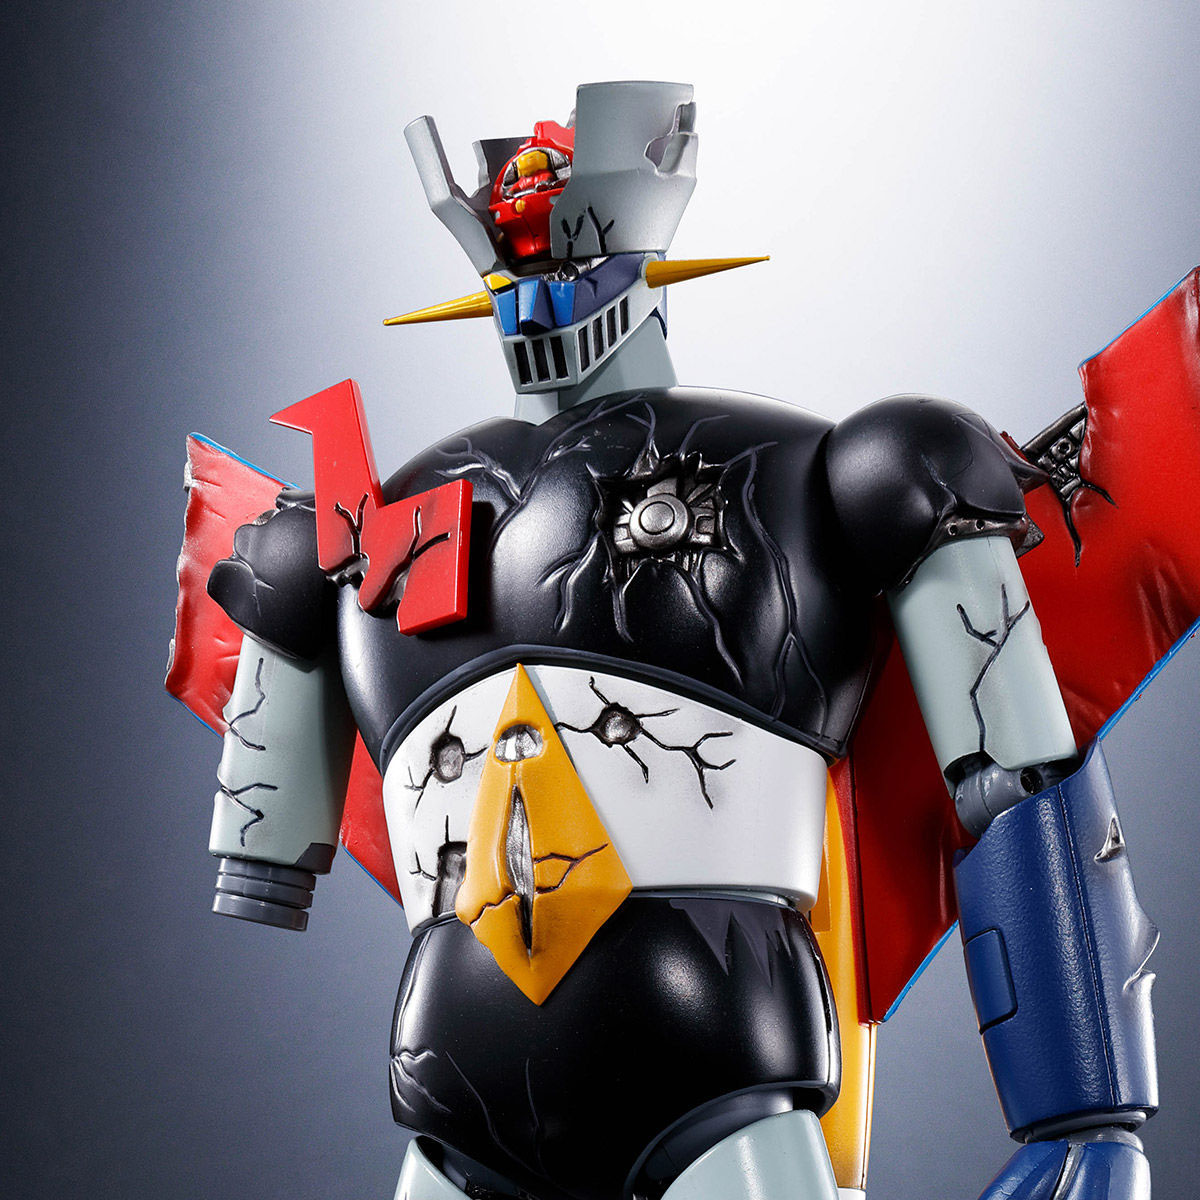 超合金魂 GX-70SPD『マジンガーZ D.C.ダメージver. アニメカラー』可動フィギュア-001